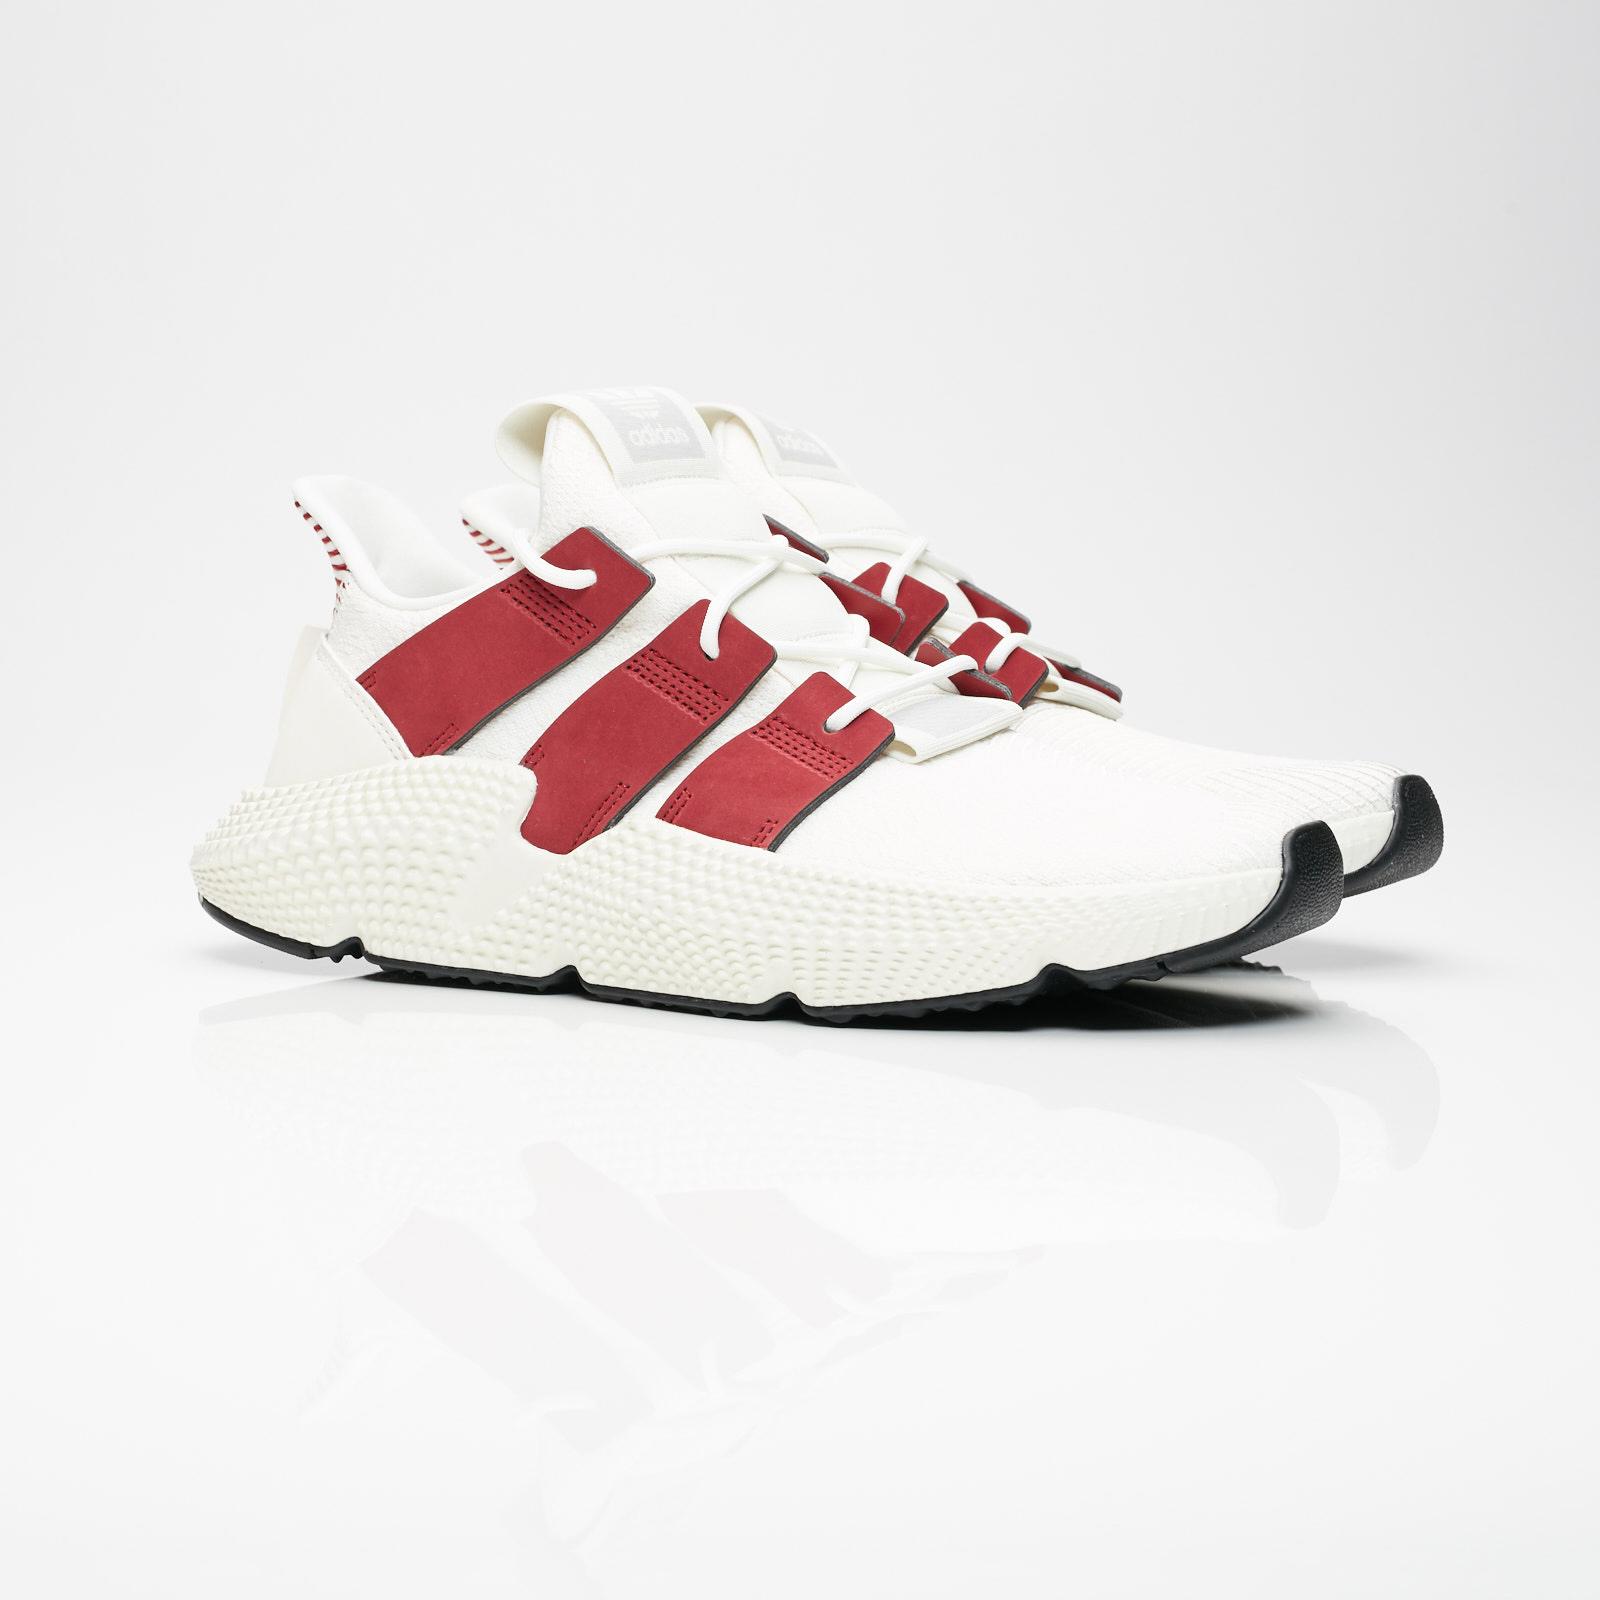 c0cf6c2ef303d3 adidas Prophere - D96658 - Sneakersnstuff